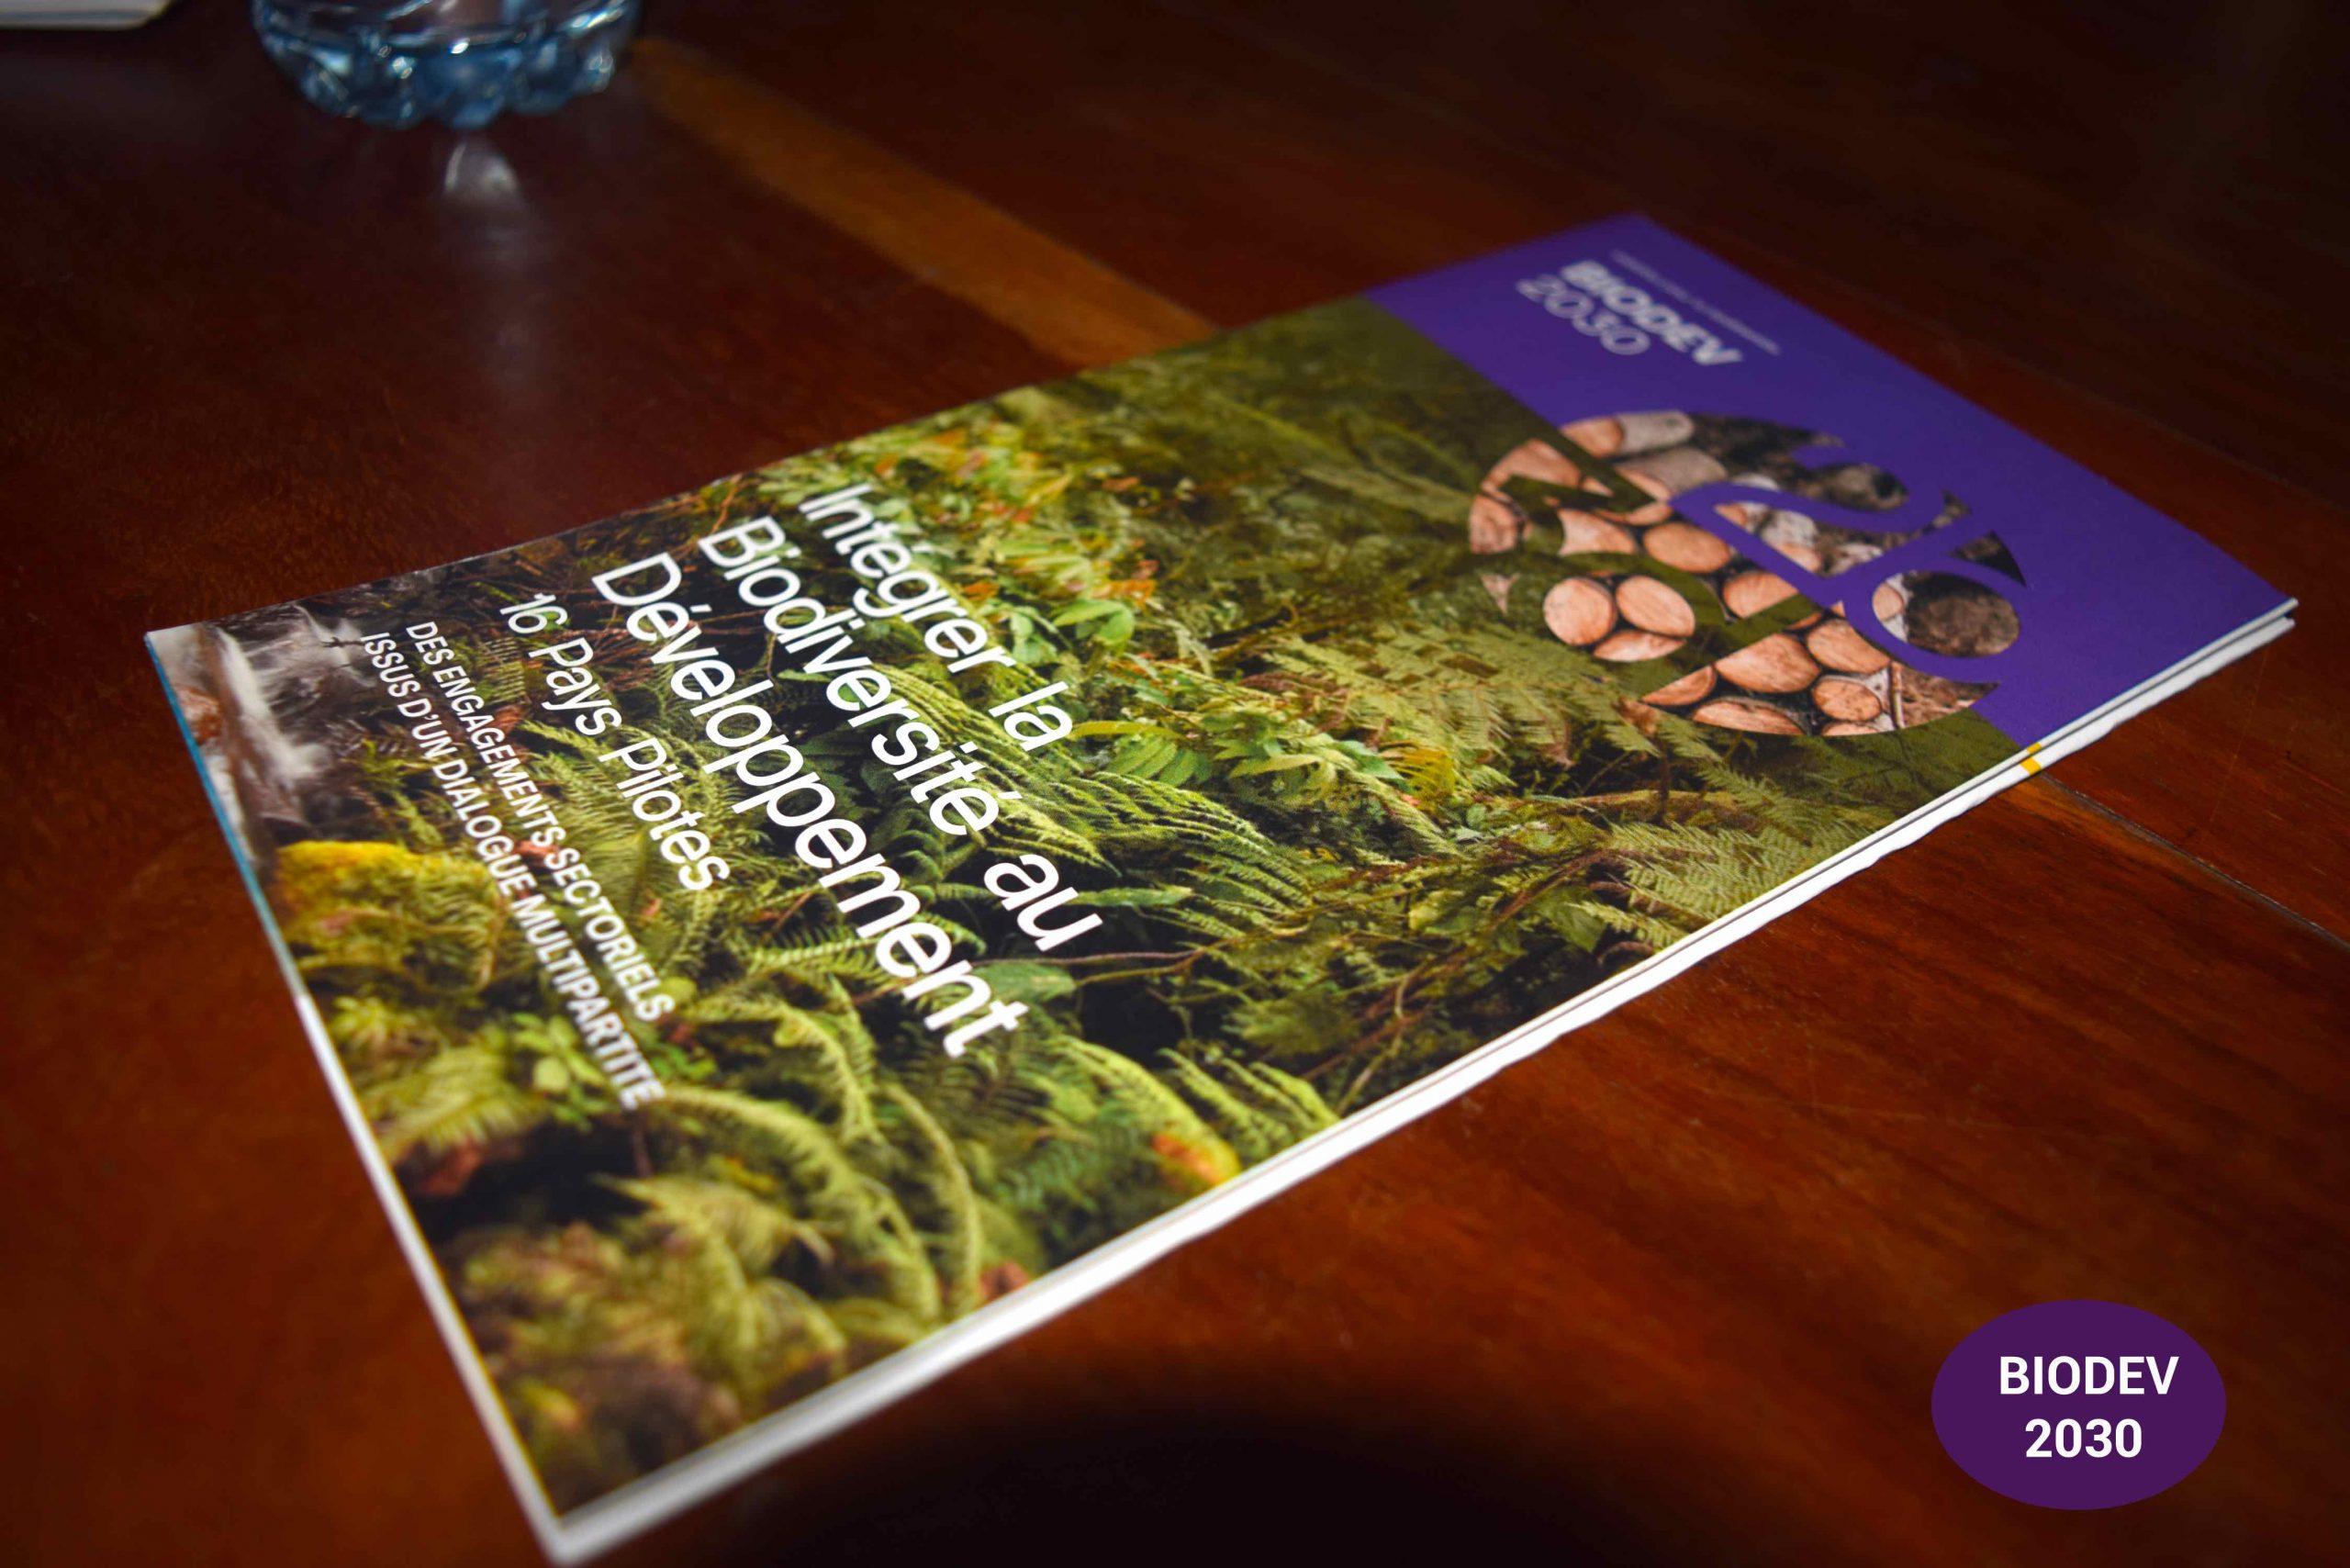 Biodiversité : Le plan de mise en œuvre du projet biodev2030 soumis à l'appréciation des osc du bénin